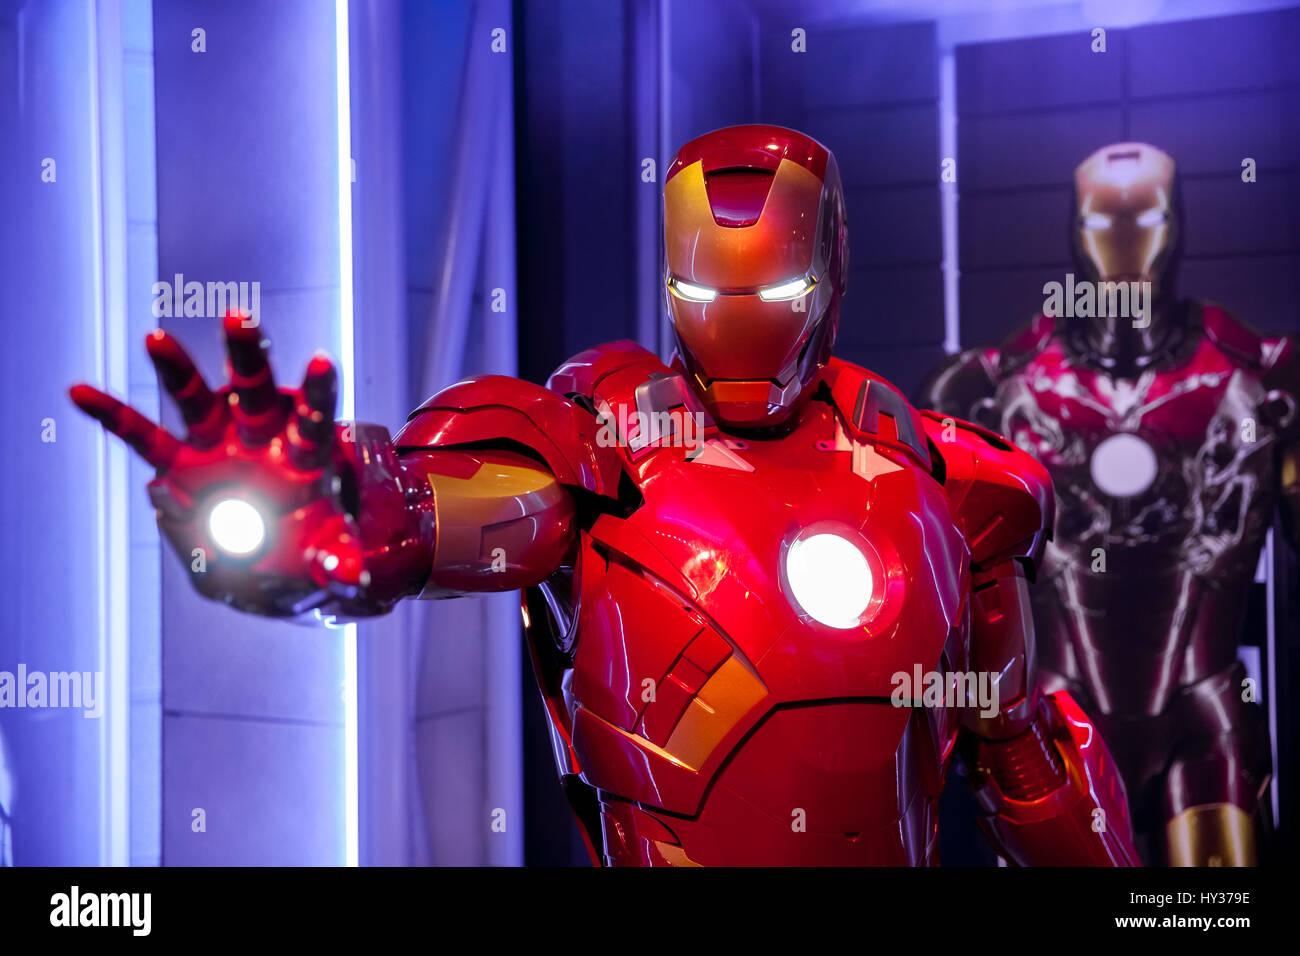 Amsterdam, Holanda - Marzo, 2017: figura de cera de Tony Stark el Iron Man de Marvel Comics en el museo de cera Imagen De Stock